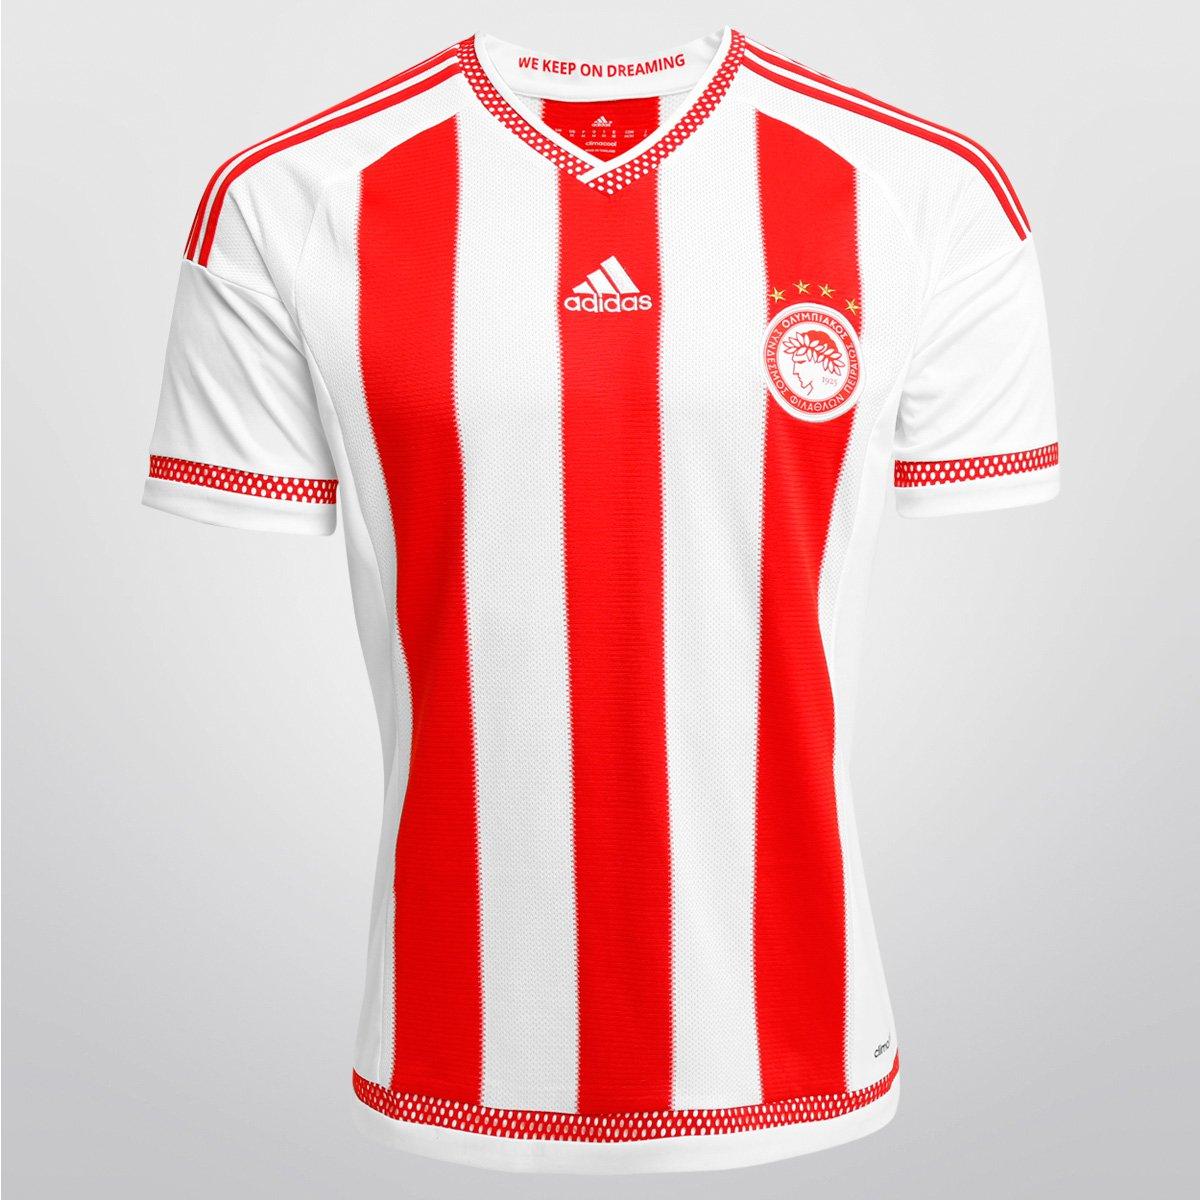 f0e5a6ab7a Camisa Adidas Olympiakos Home 15 16 s nº - Compre Agora